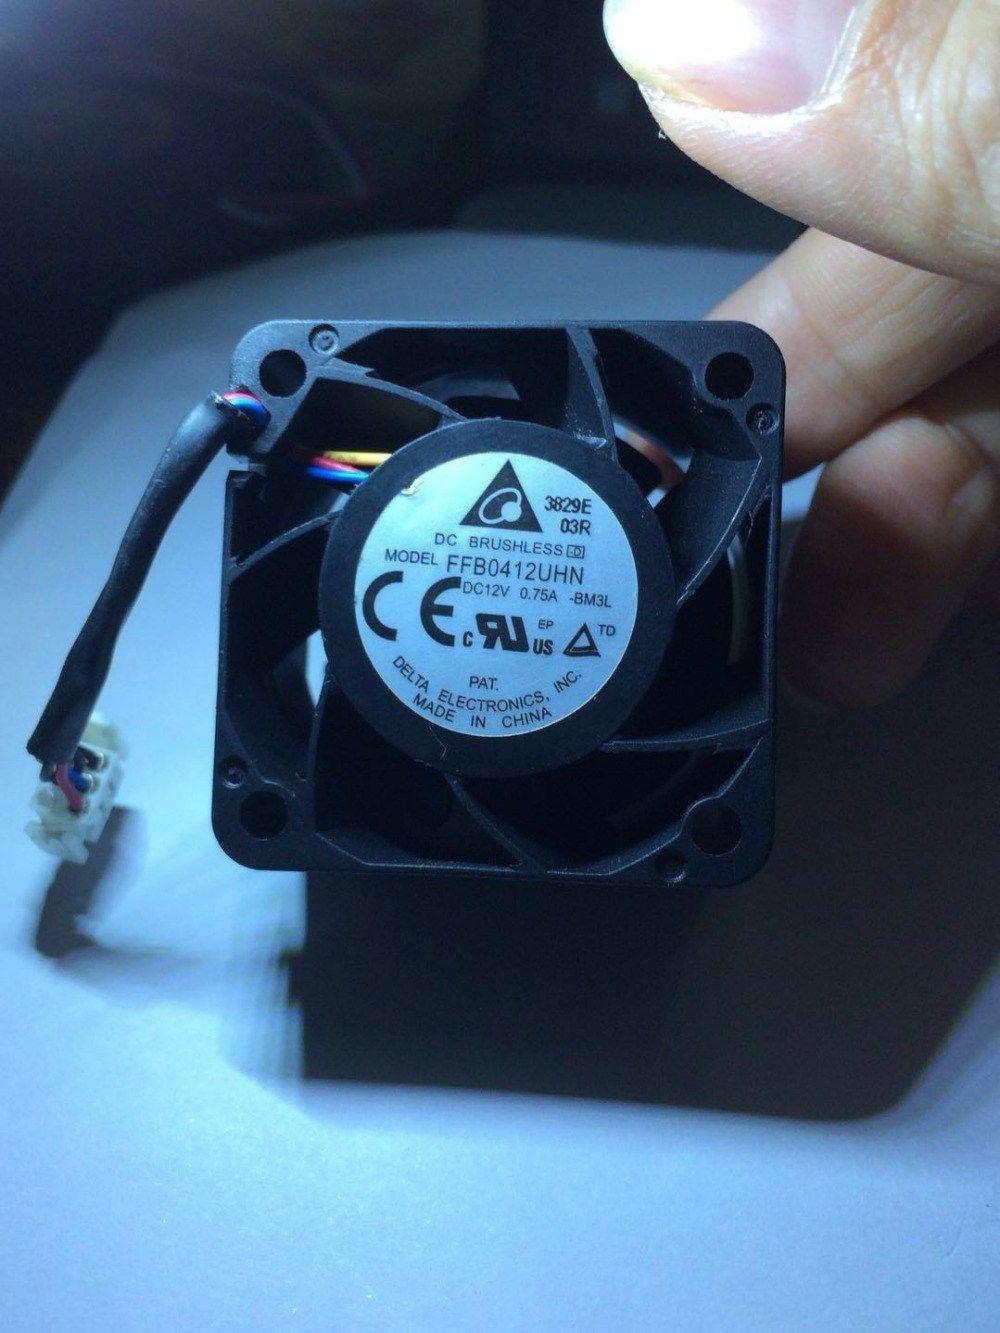 Original Delta Dl320e Gen8 V2 Ffb0412uhn Bm3l 717914 001 0 81a 12v